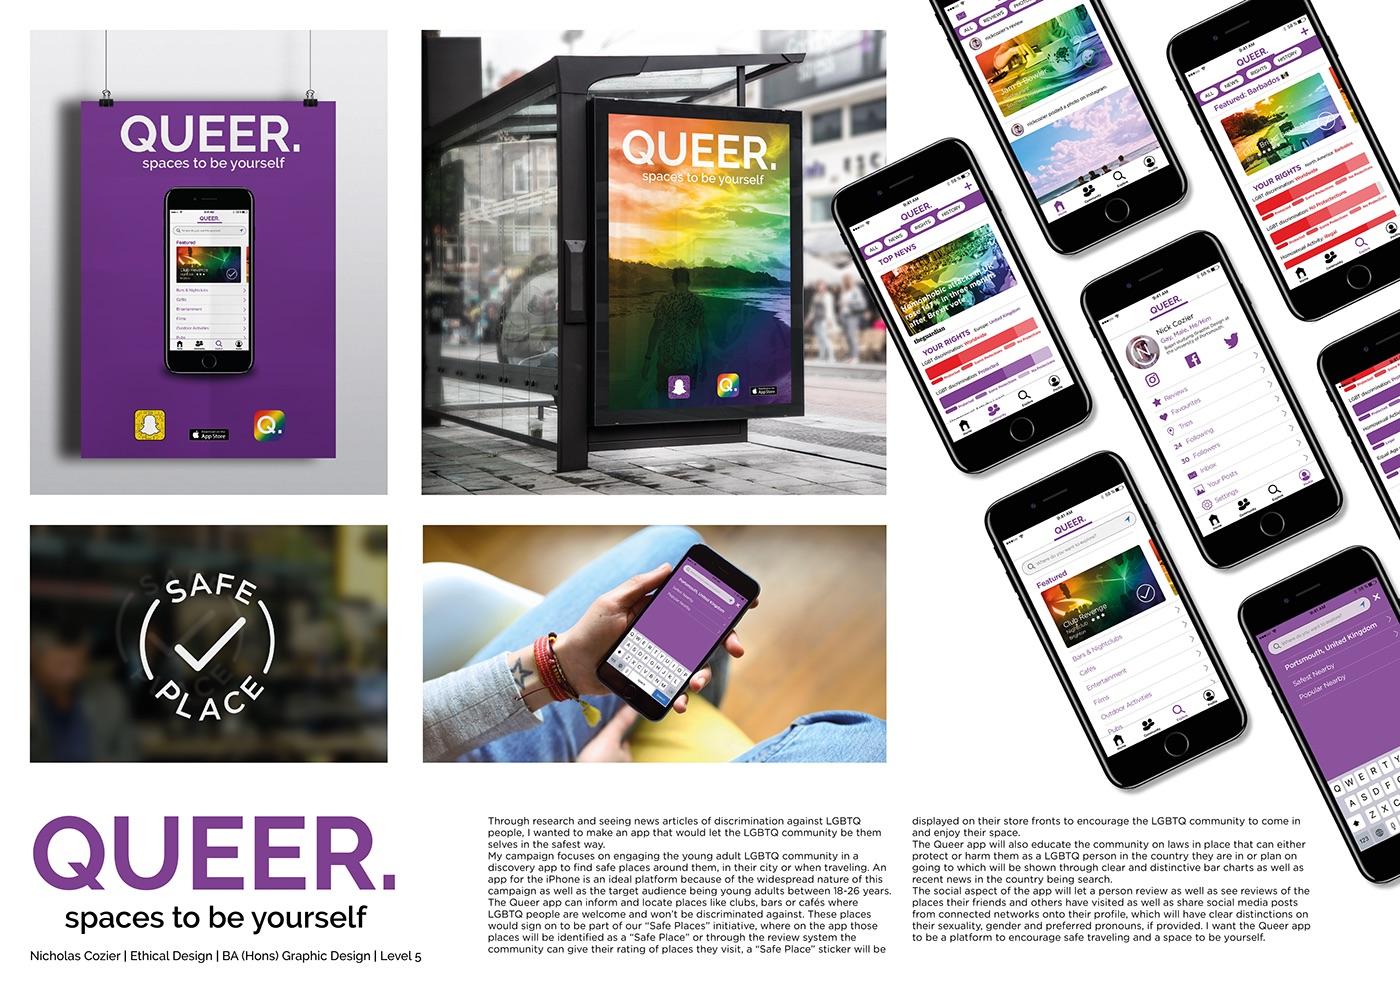 Adobe Portfolio graphic design  ethical design queer LGBT LGBTQ gay pride rainbow